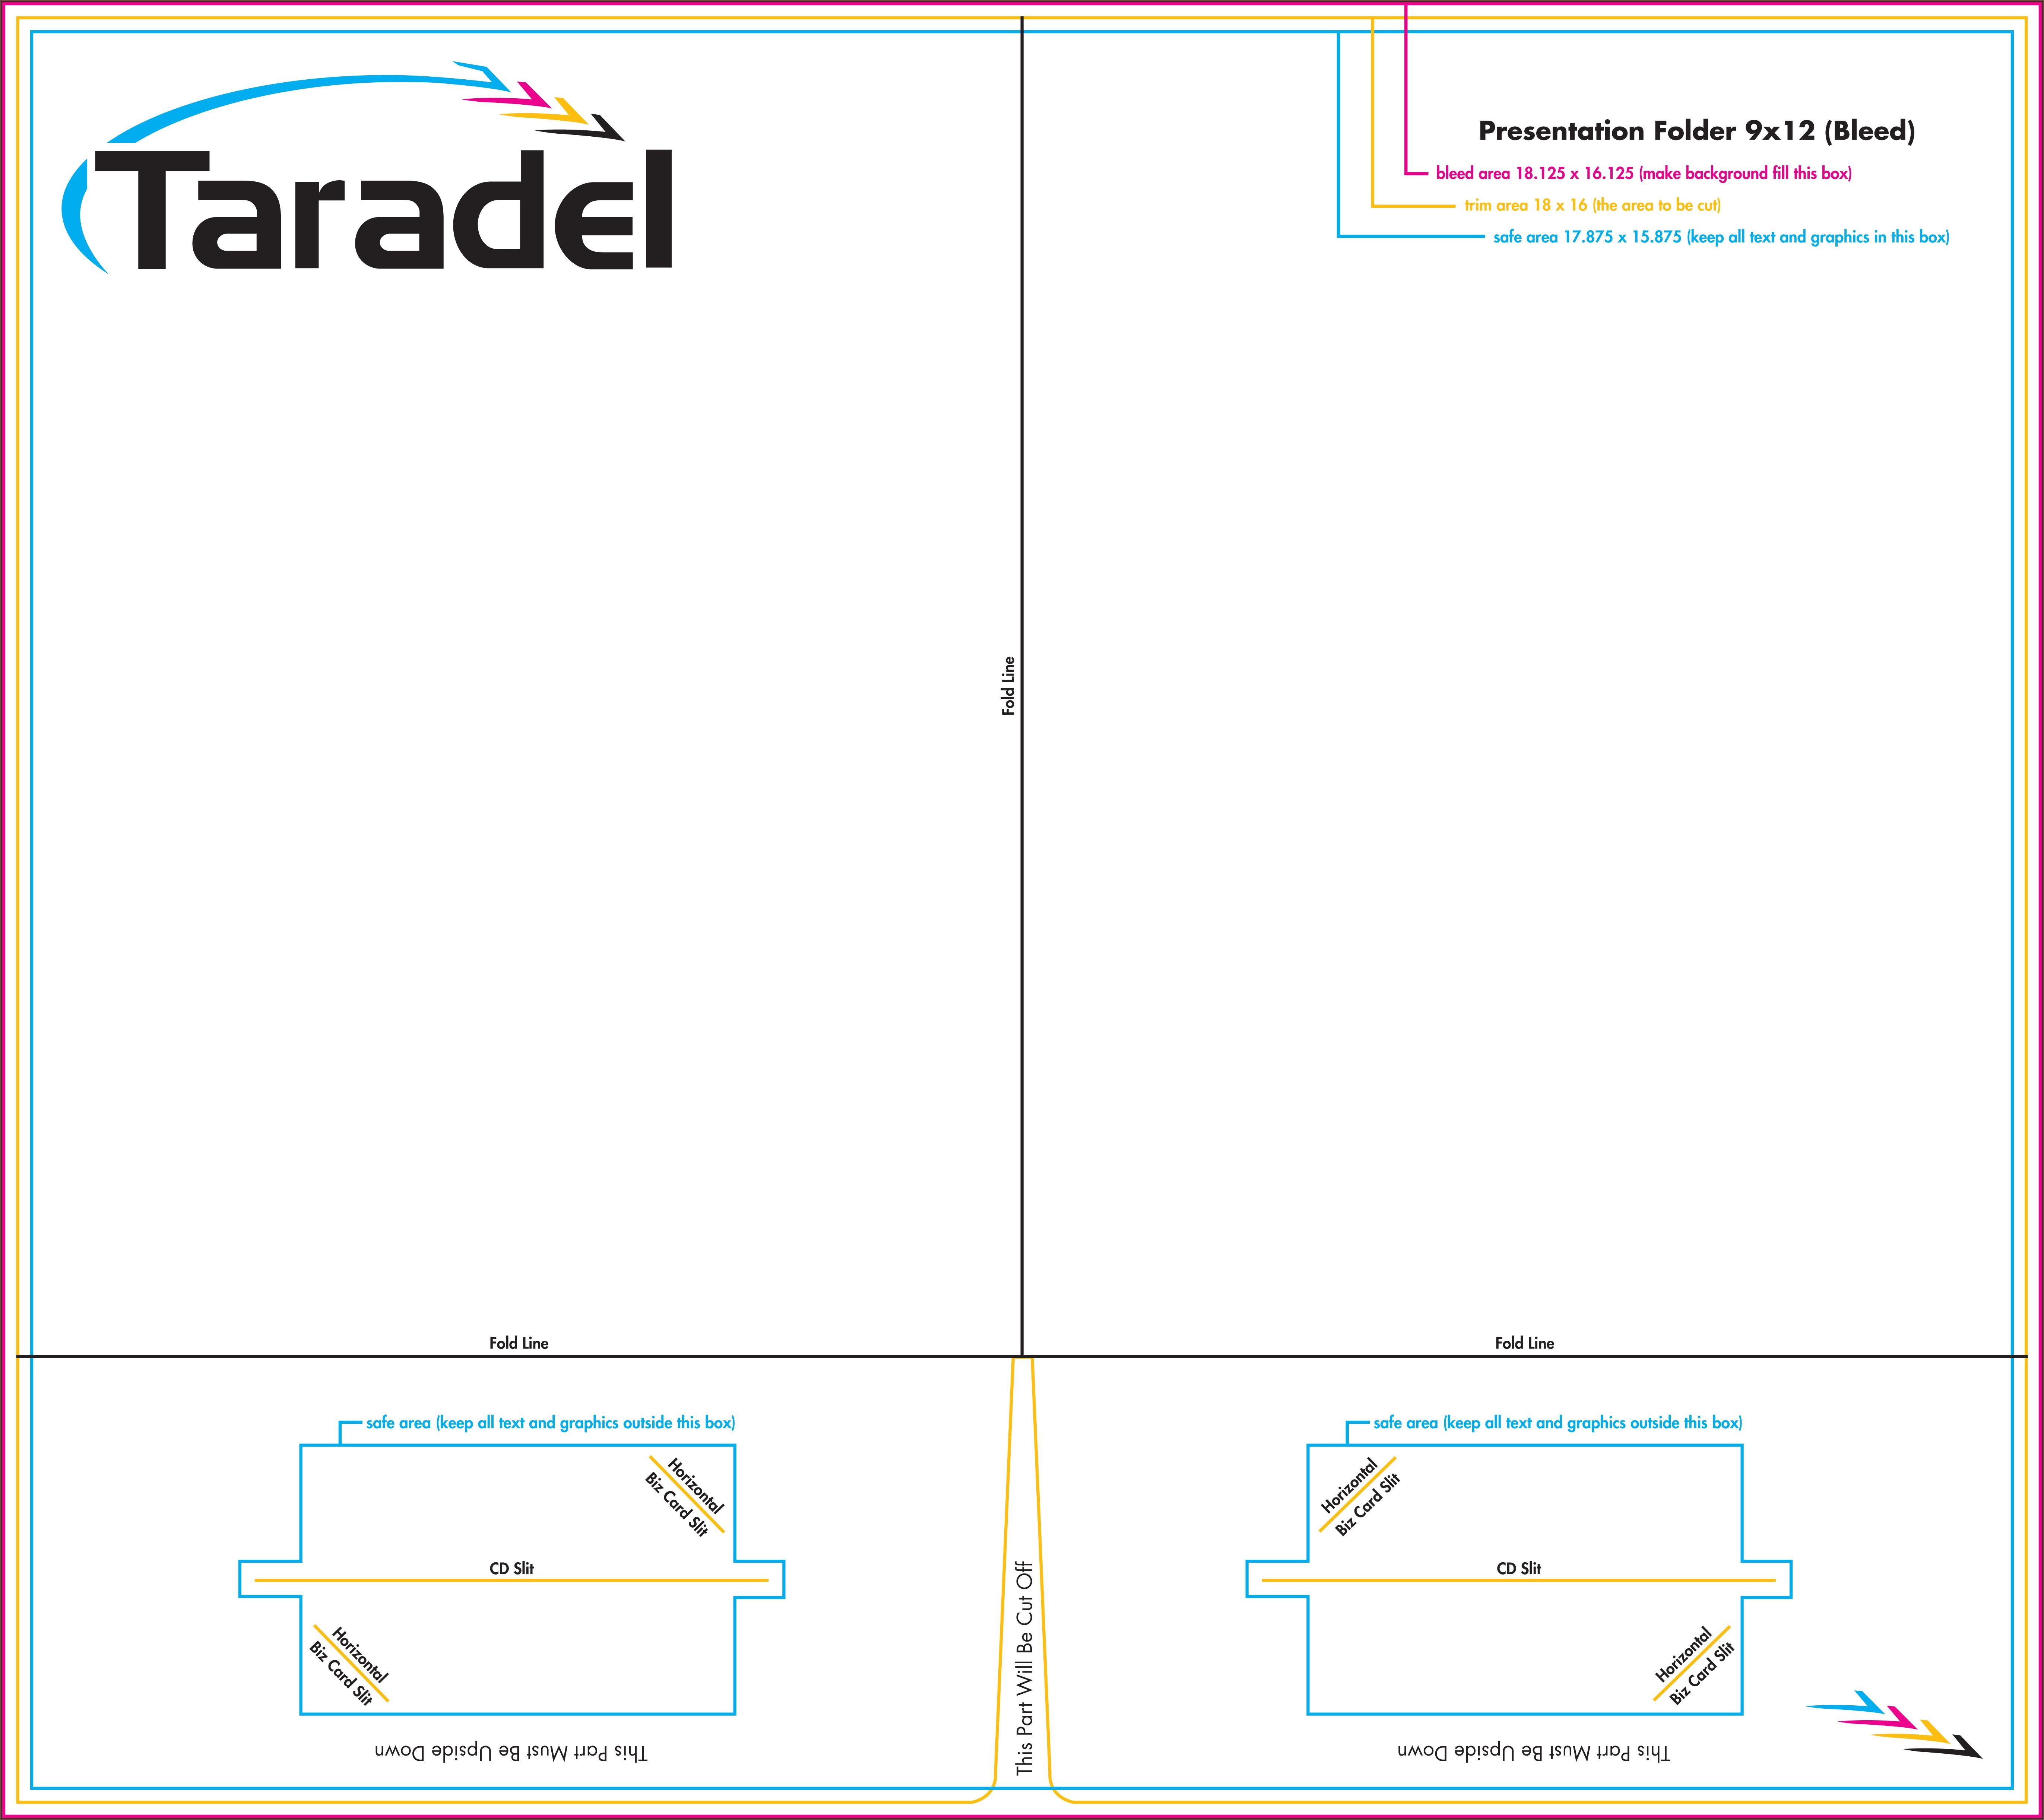 9x12 Pocket Folder Template Indesign